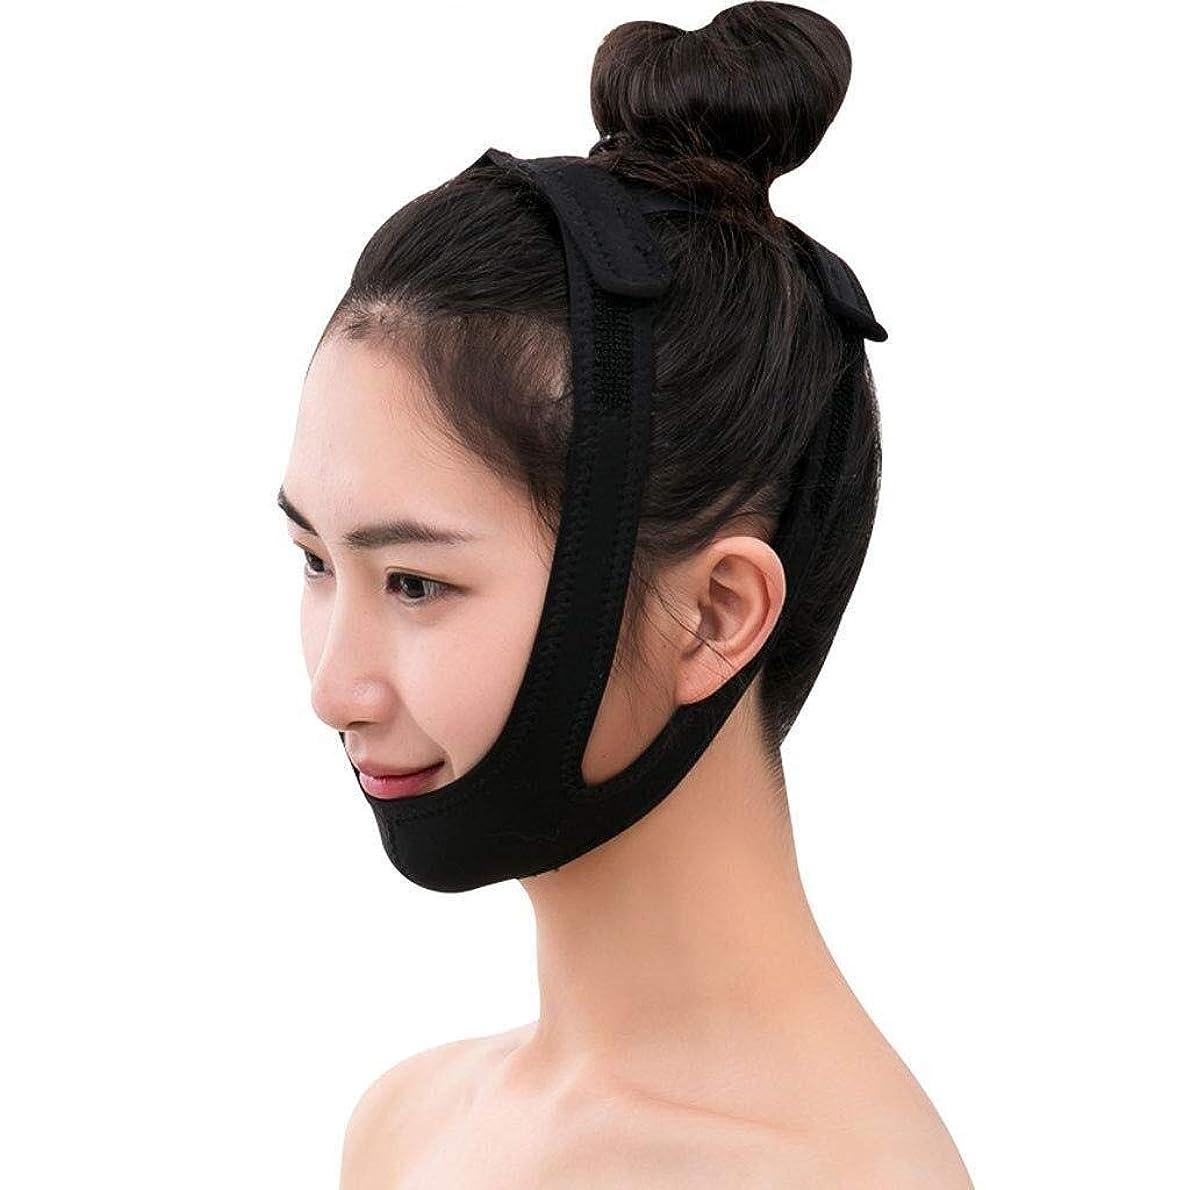 フィット検閲放つ顔の持ち上がる細くの伸縮性があるベルト、 フェイススリミングマスク、フェイスリフティングバンデージVシェイプフェイスベルト 女性用バンドを持ち上げる